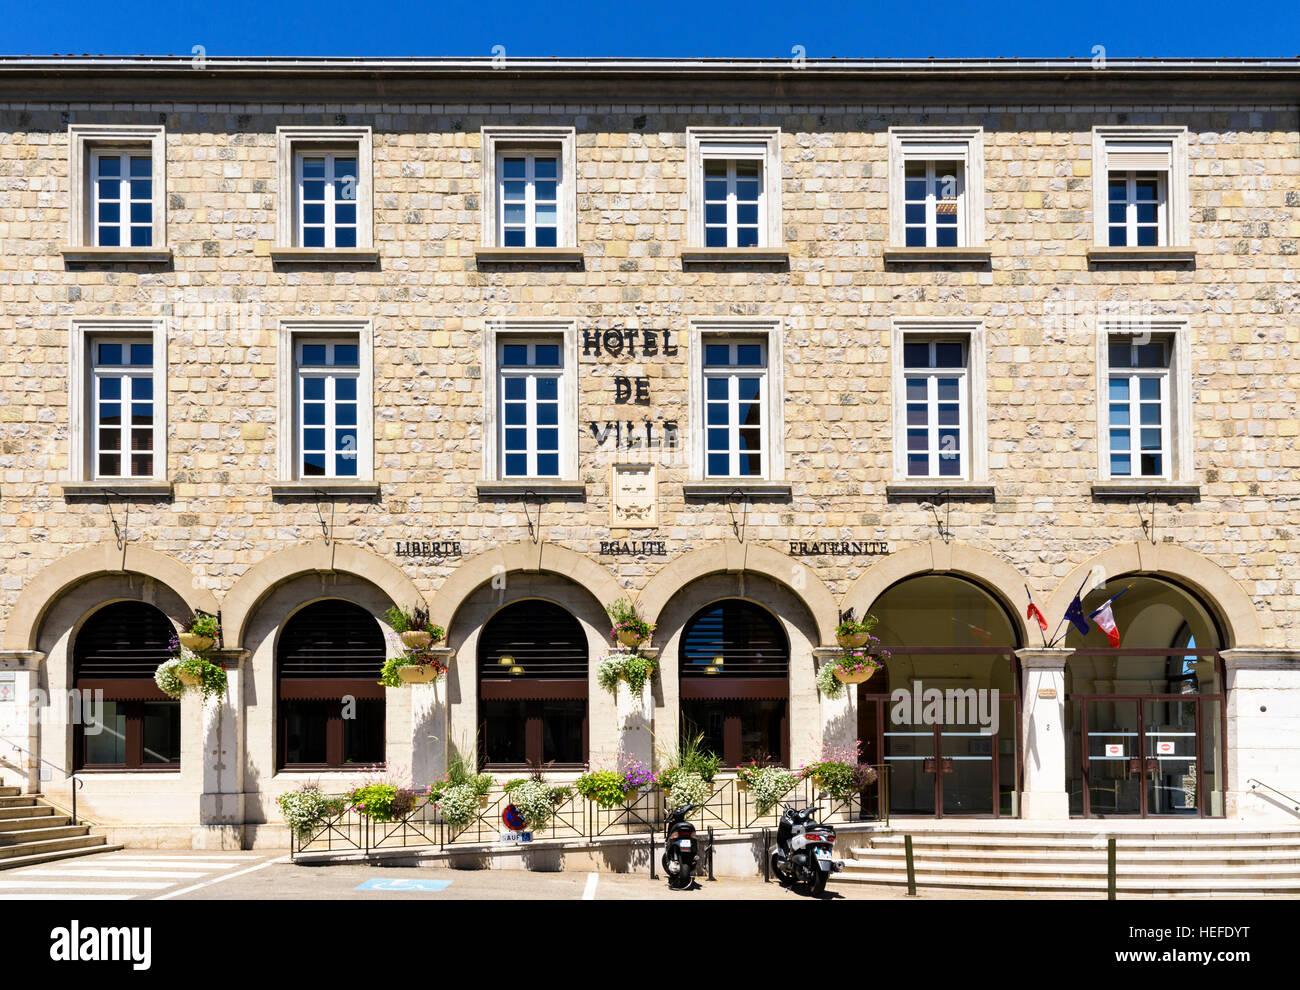 Hotel de Ville, Tournon-sur-Rhône, Ardèche, France - Stock Image